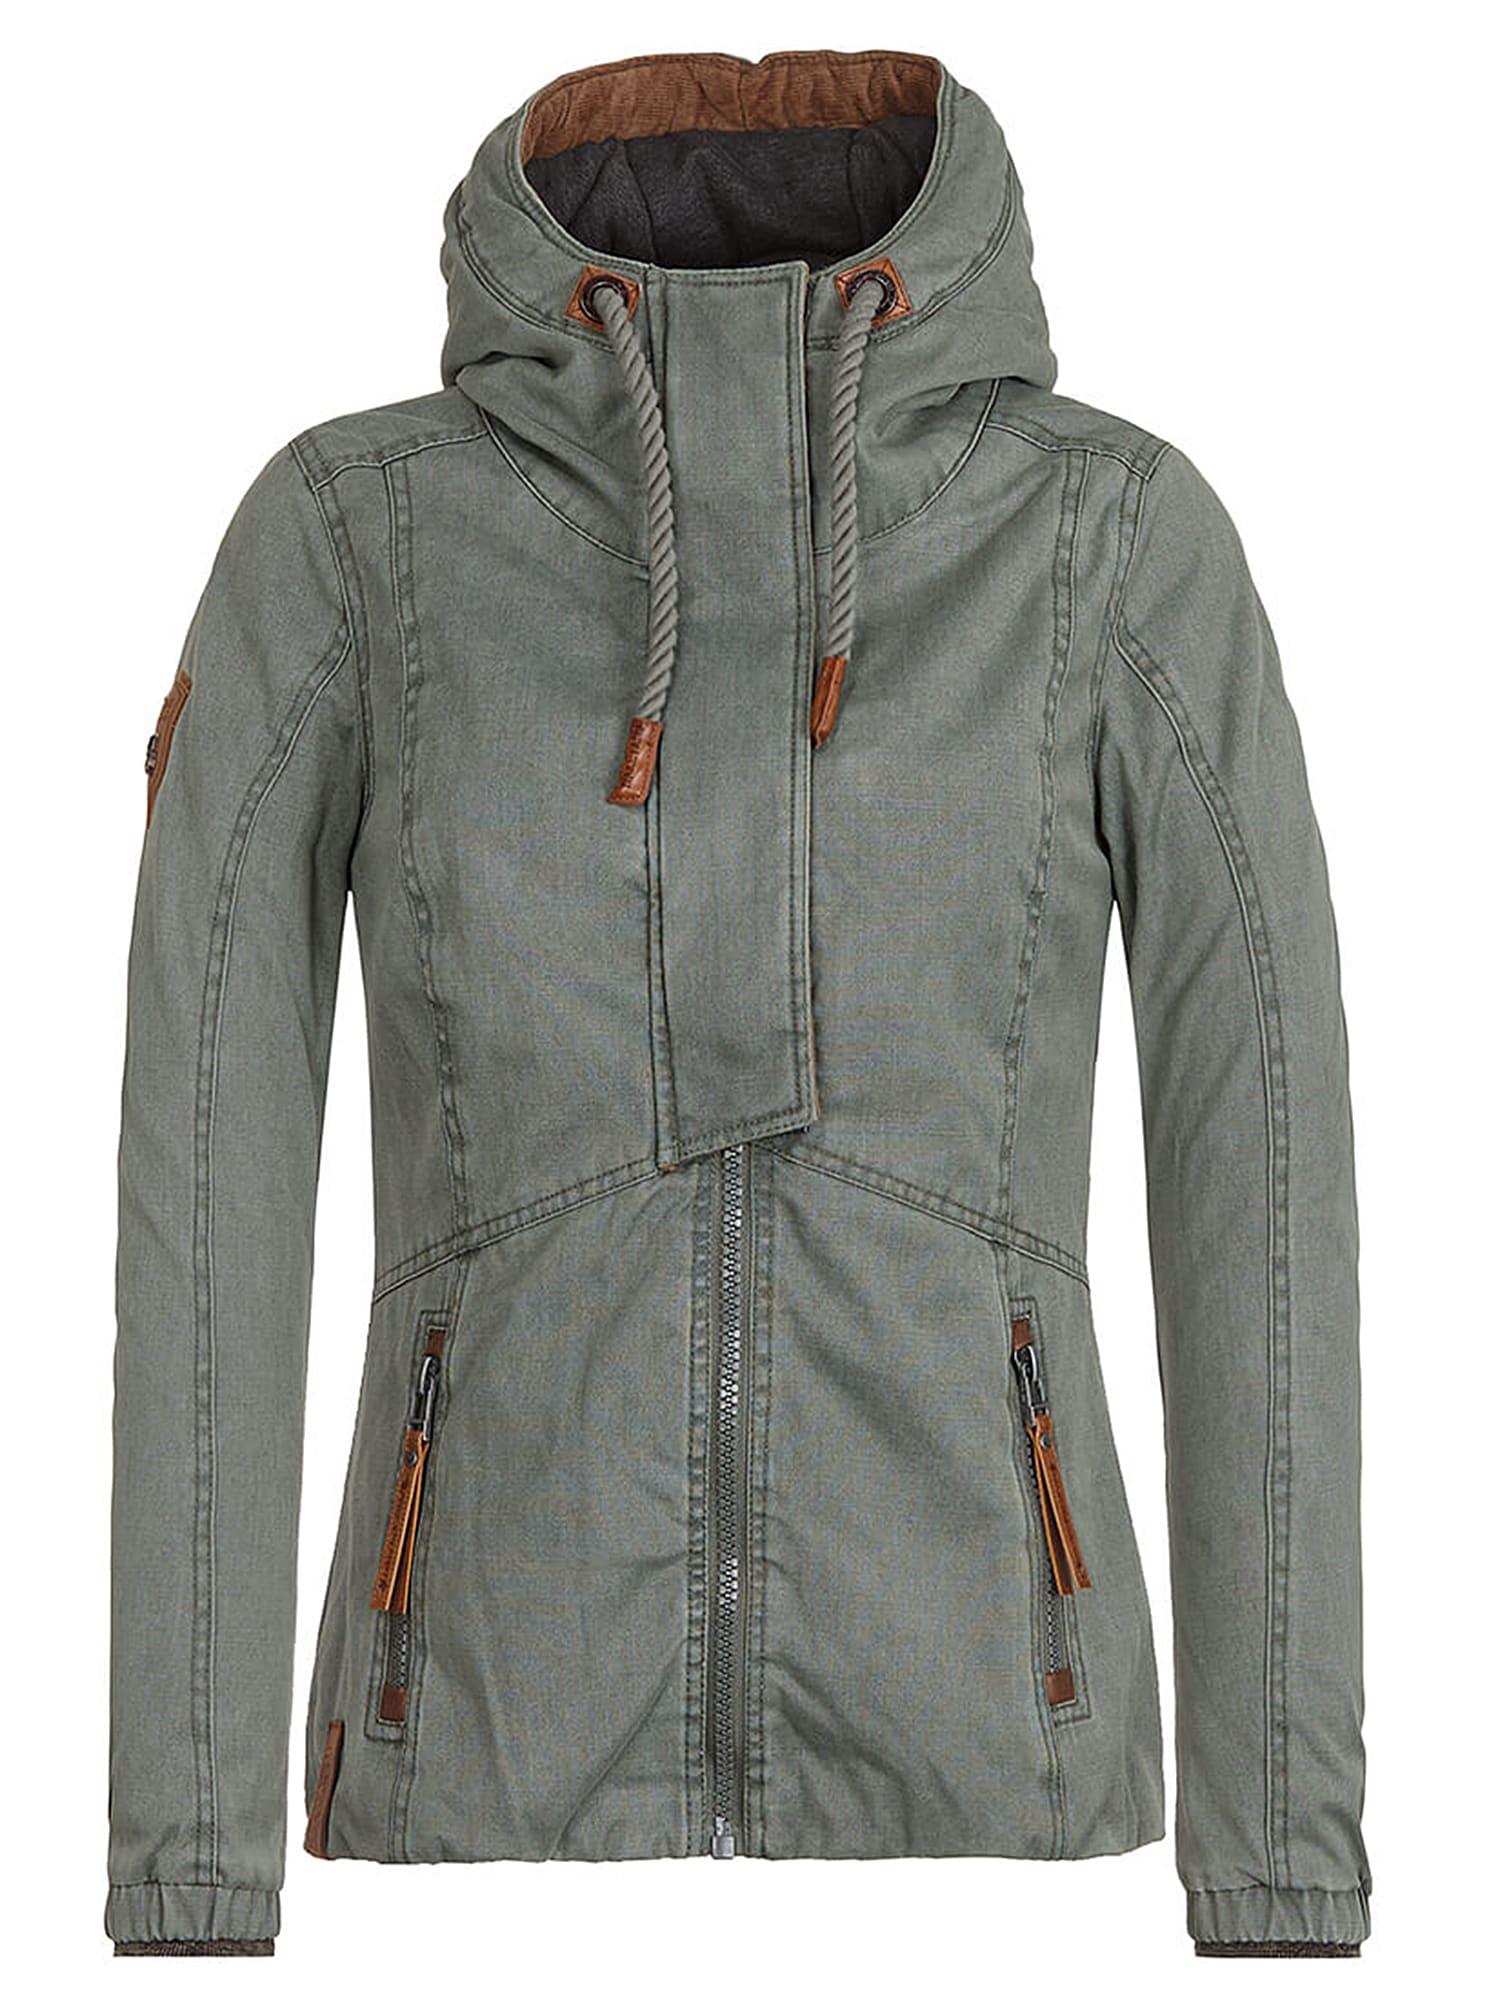 Přechodná bunda rezavě hnědá hnědý melír khaki Naketano